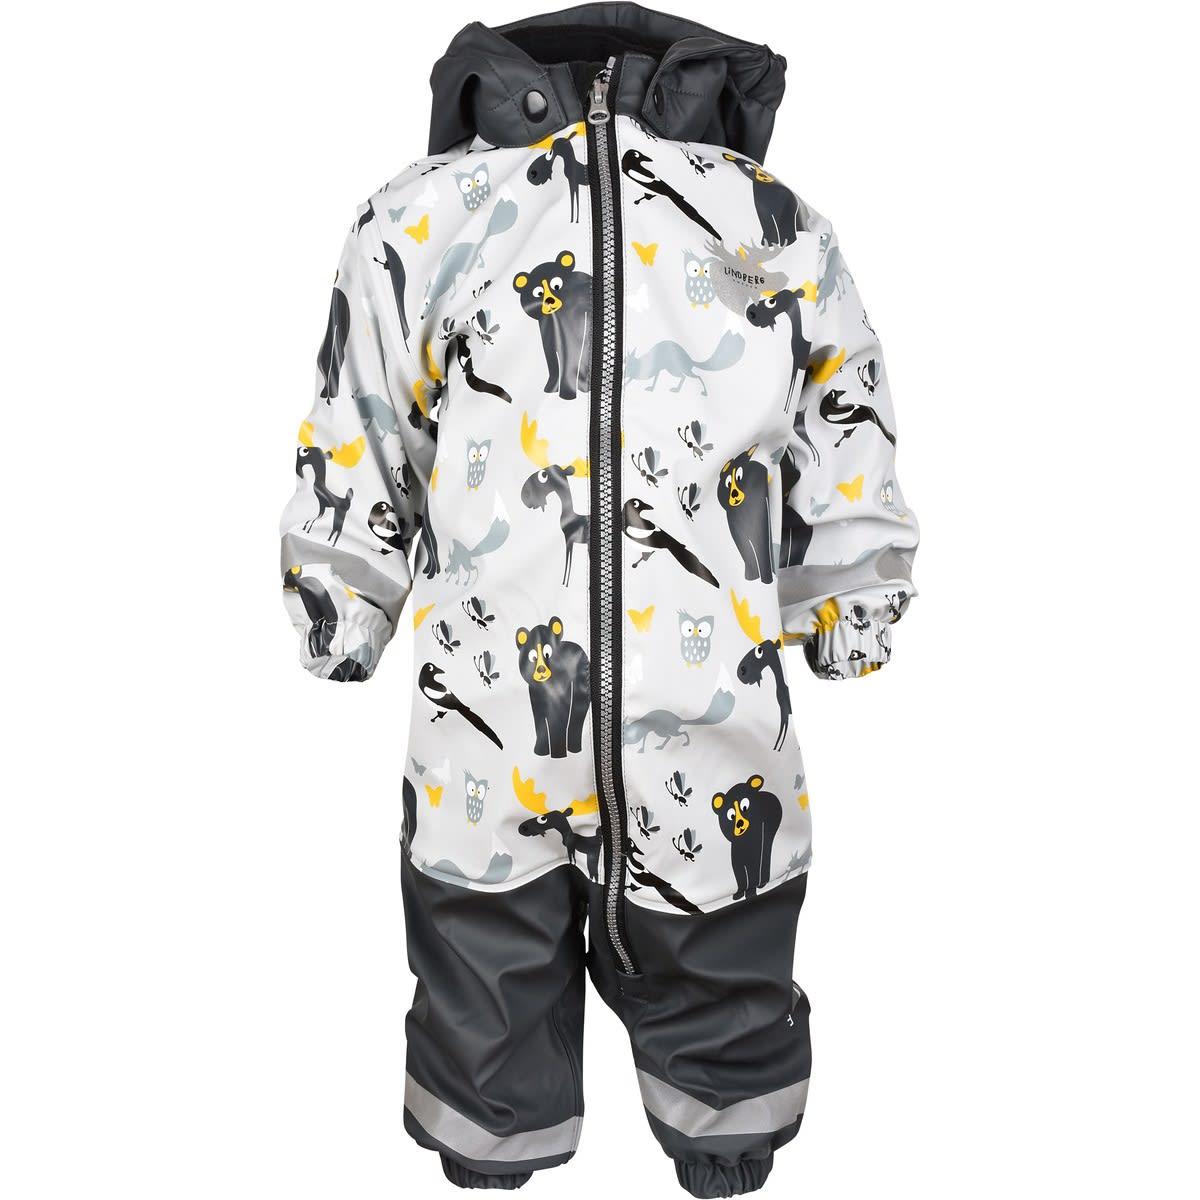 lindberg overall baby